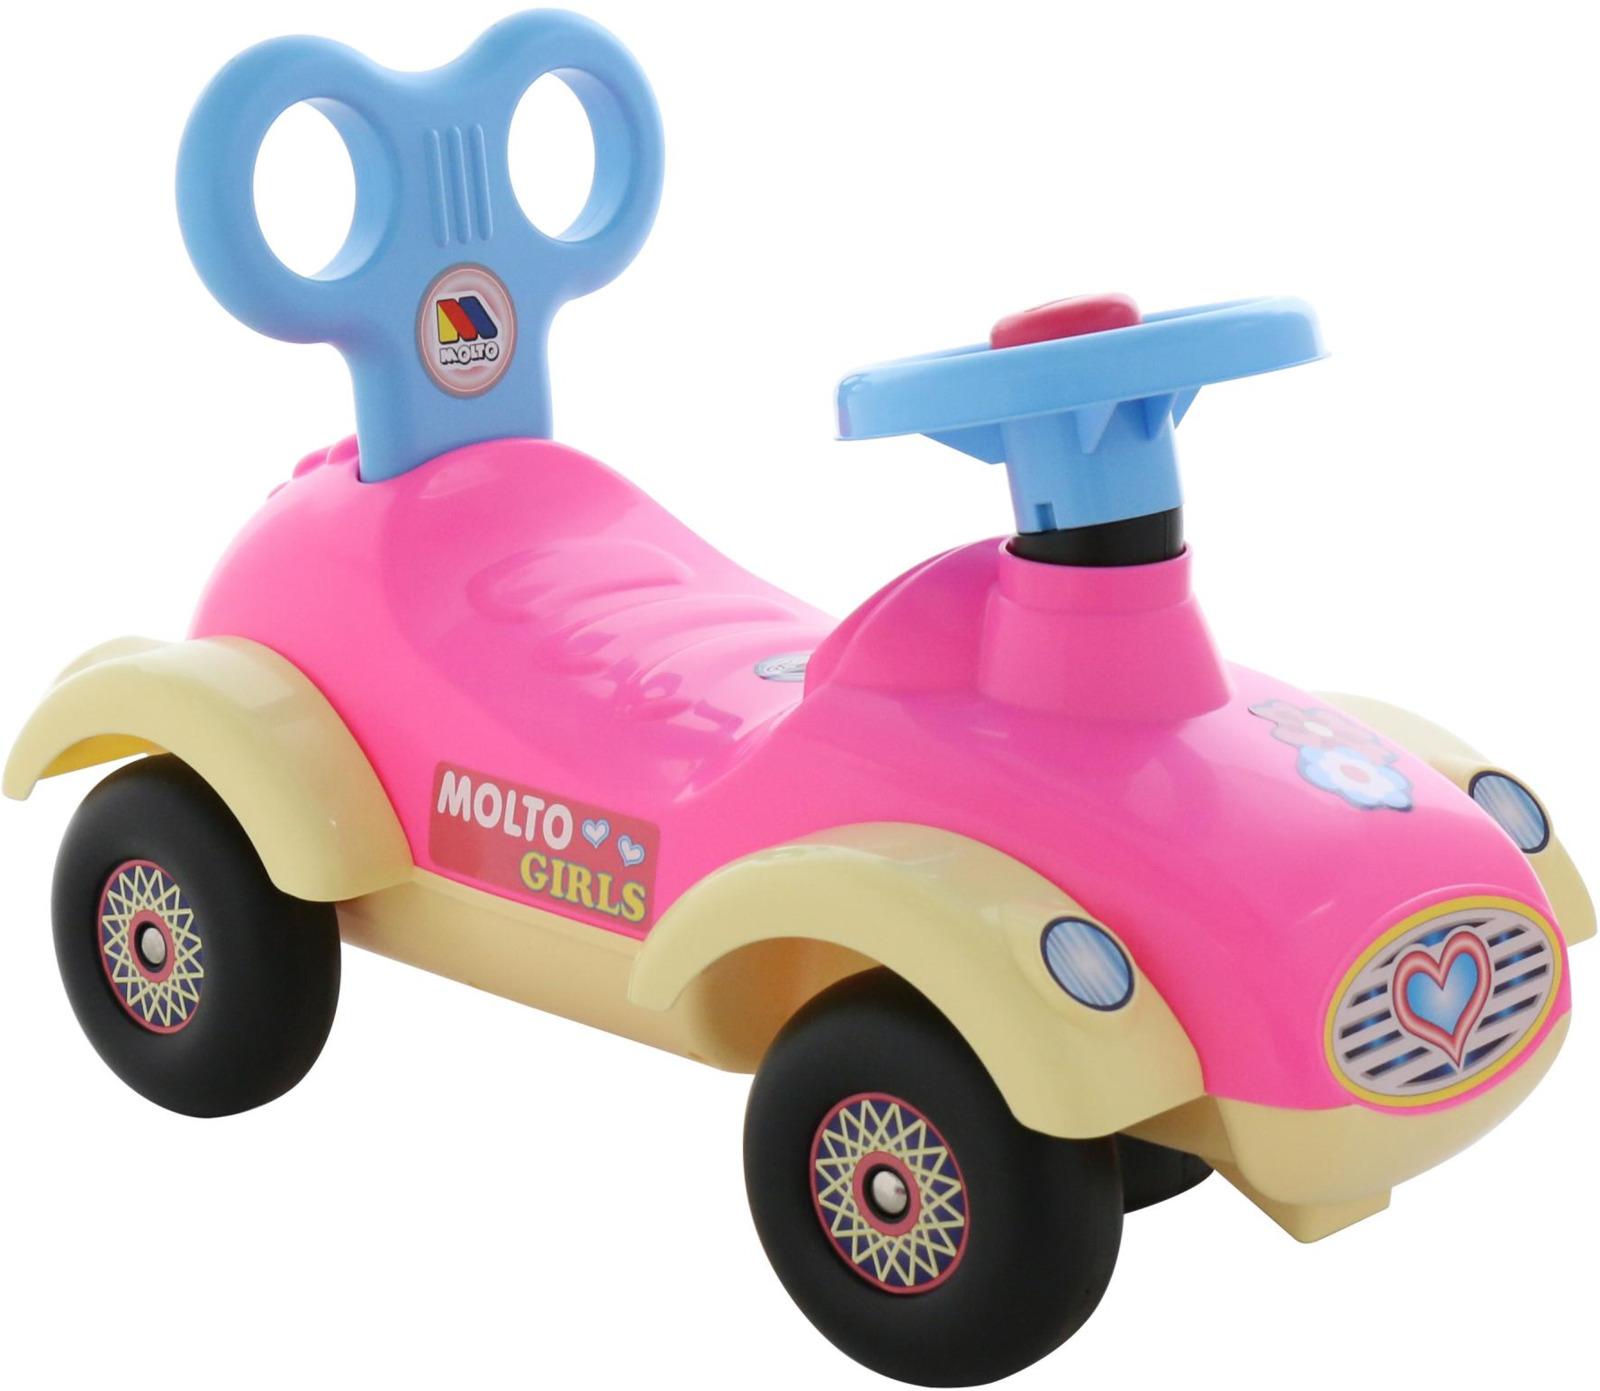 Фото - Автомобиль-каталка Полесье Сабрина. 67197, цвет в ассортименте полесье набор игрушек для песочницы 468 цвет в ассортименте